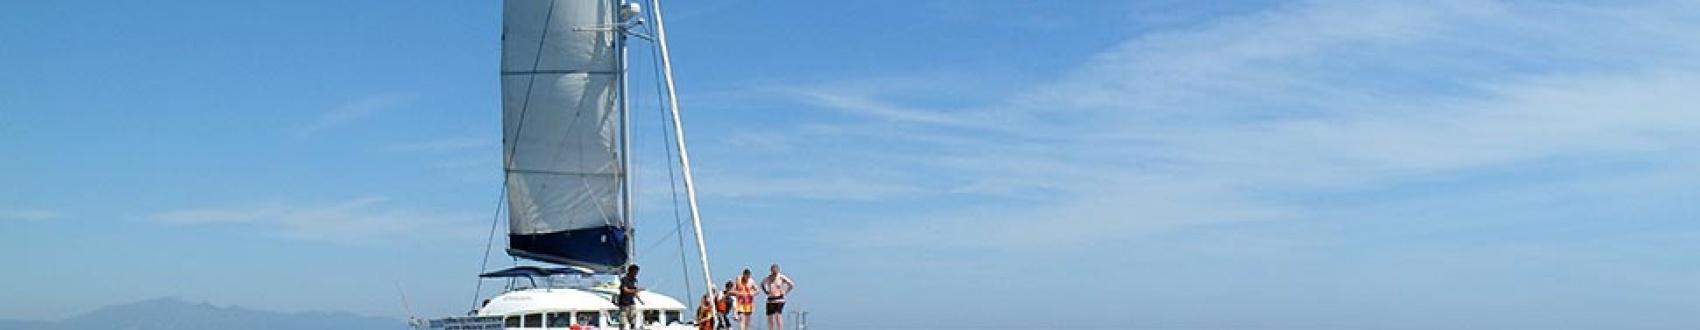 Warto wiedzieæ - Czartery Jachtów i Rejsy Morskie Last Minute Jachtem na Morzu ¦ródziemnym TUI | Geo-Sail